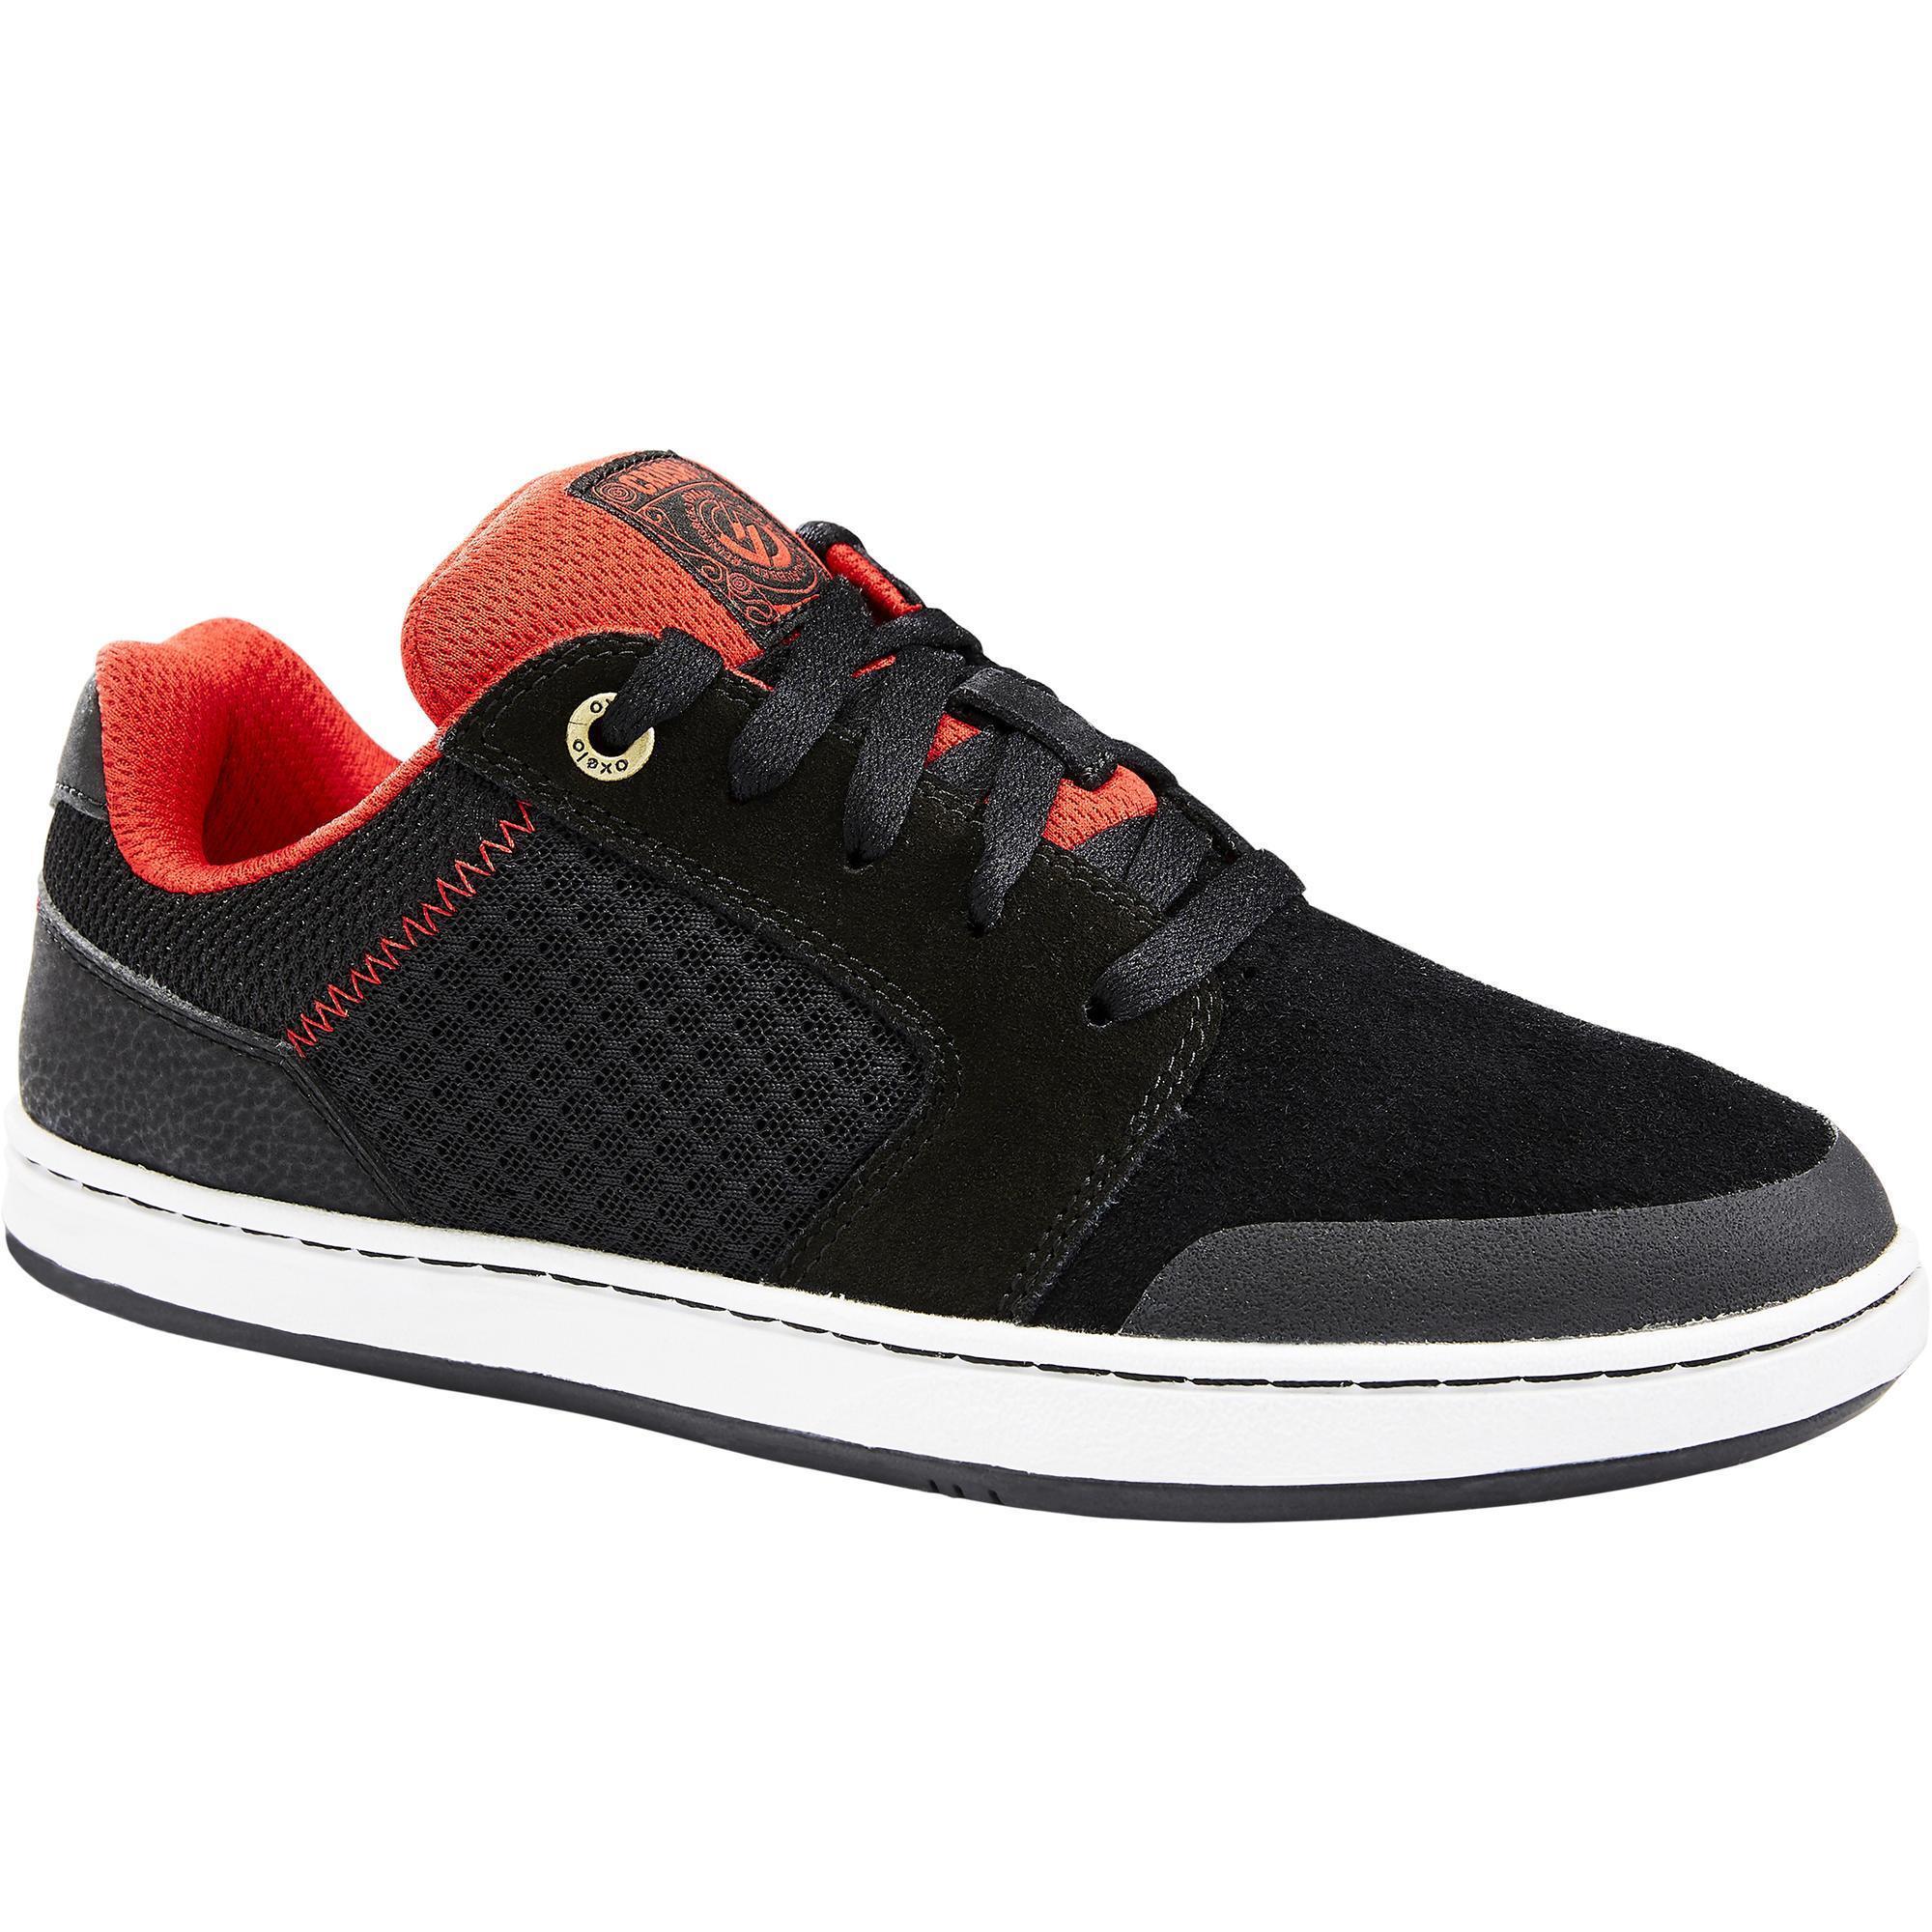 23627ef76a669c Comprar Zapatillas de Skate online